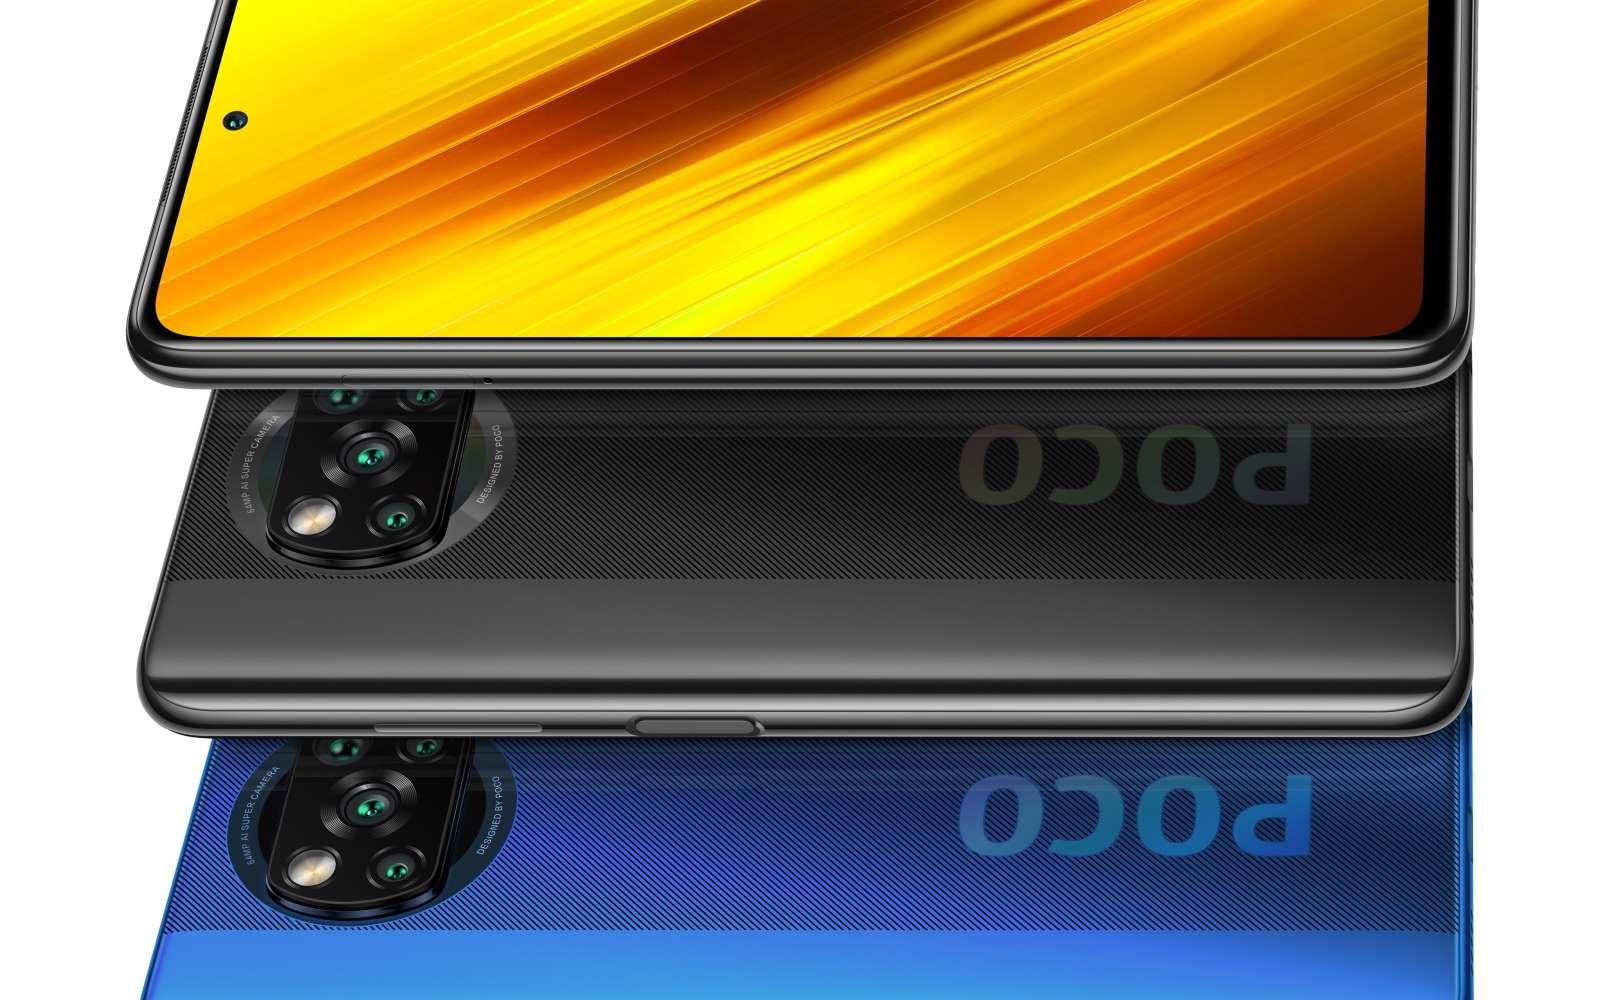 Le nouveau Poco X3 NFC de Xiaomi, avec écran 120 Hz et batterie grande capacité. © Xiaomi